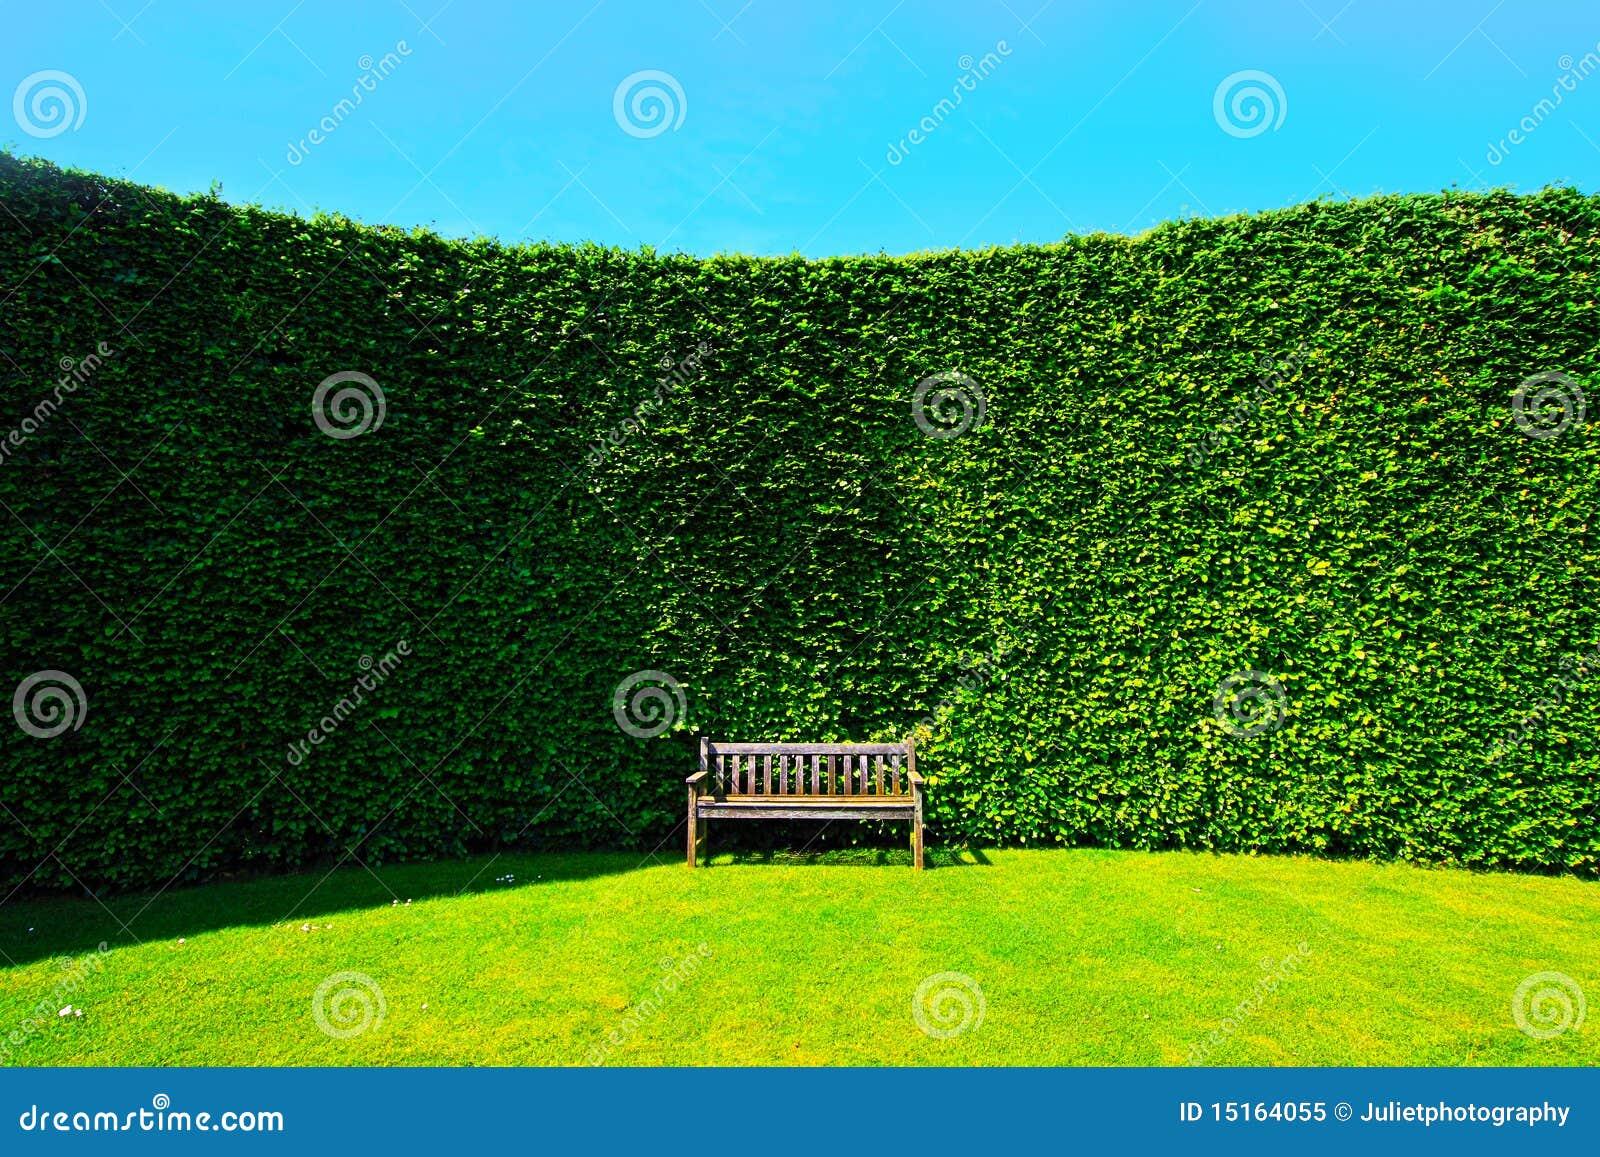 Haies de jardin avec un banc